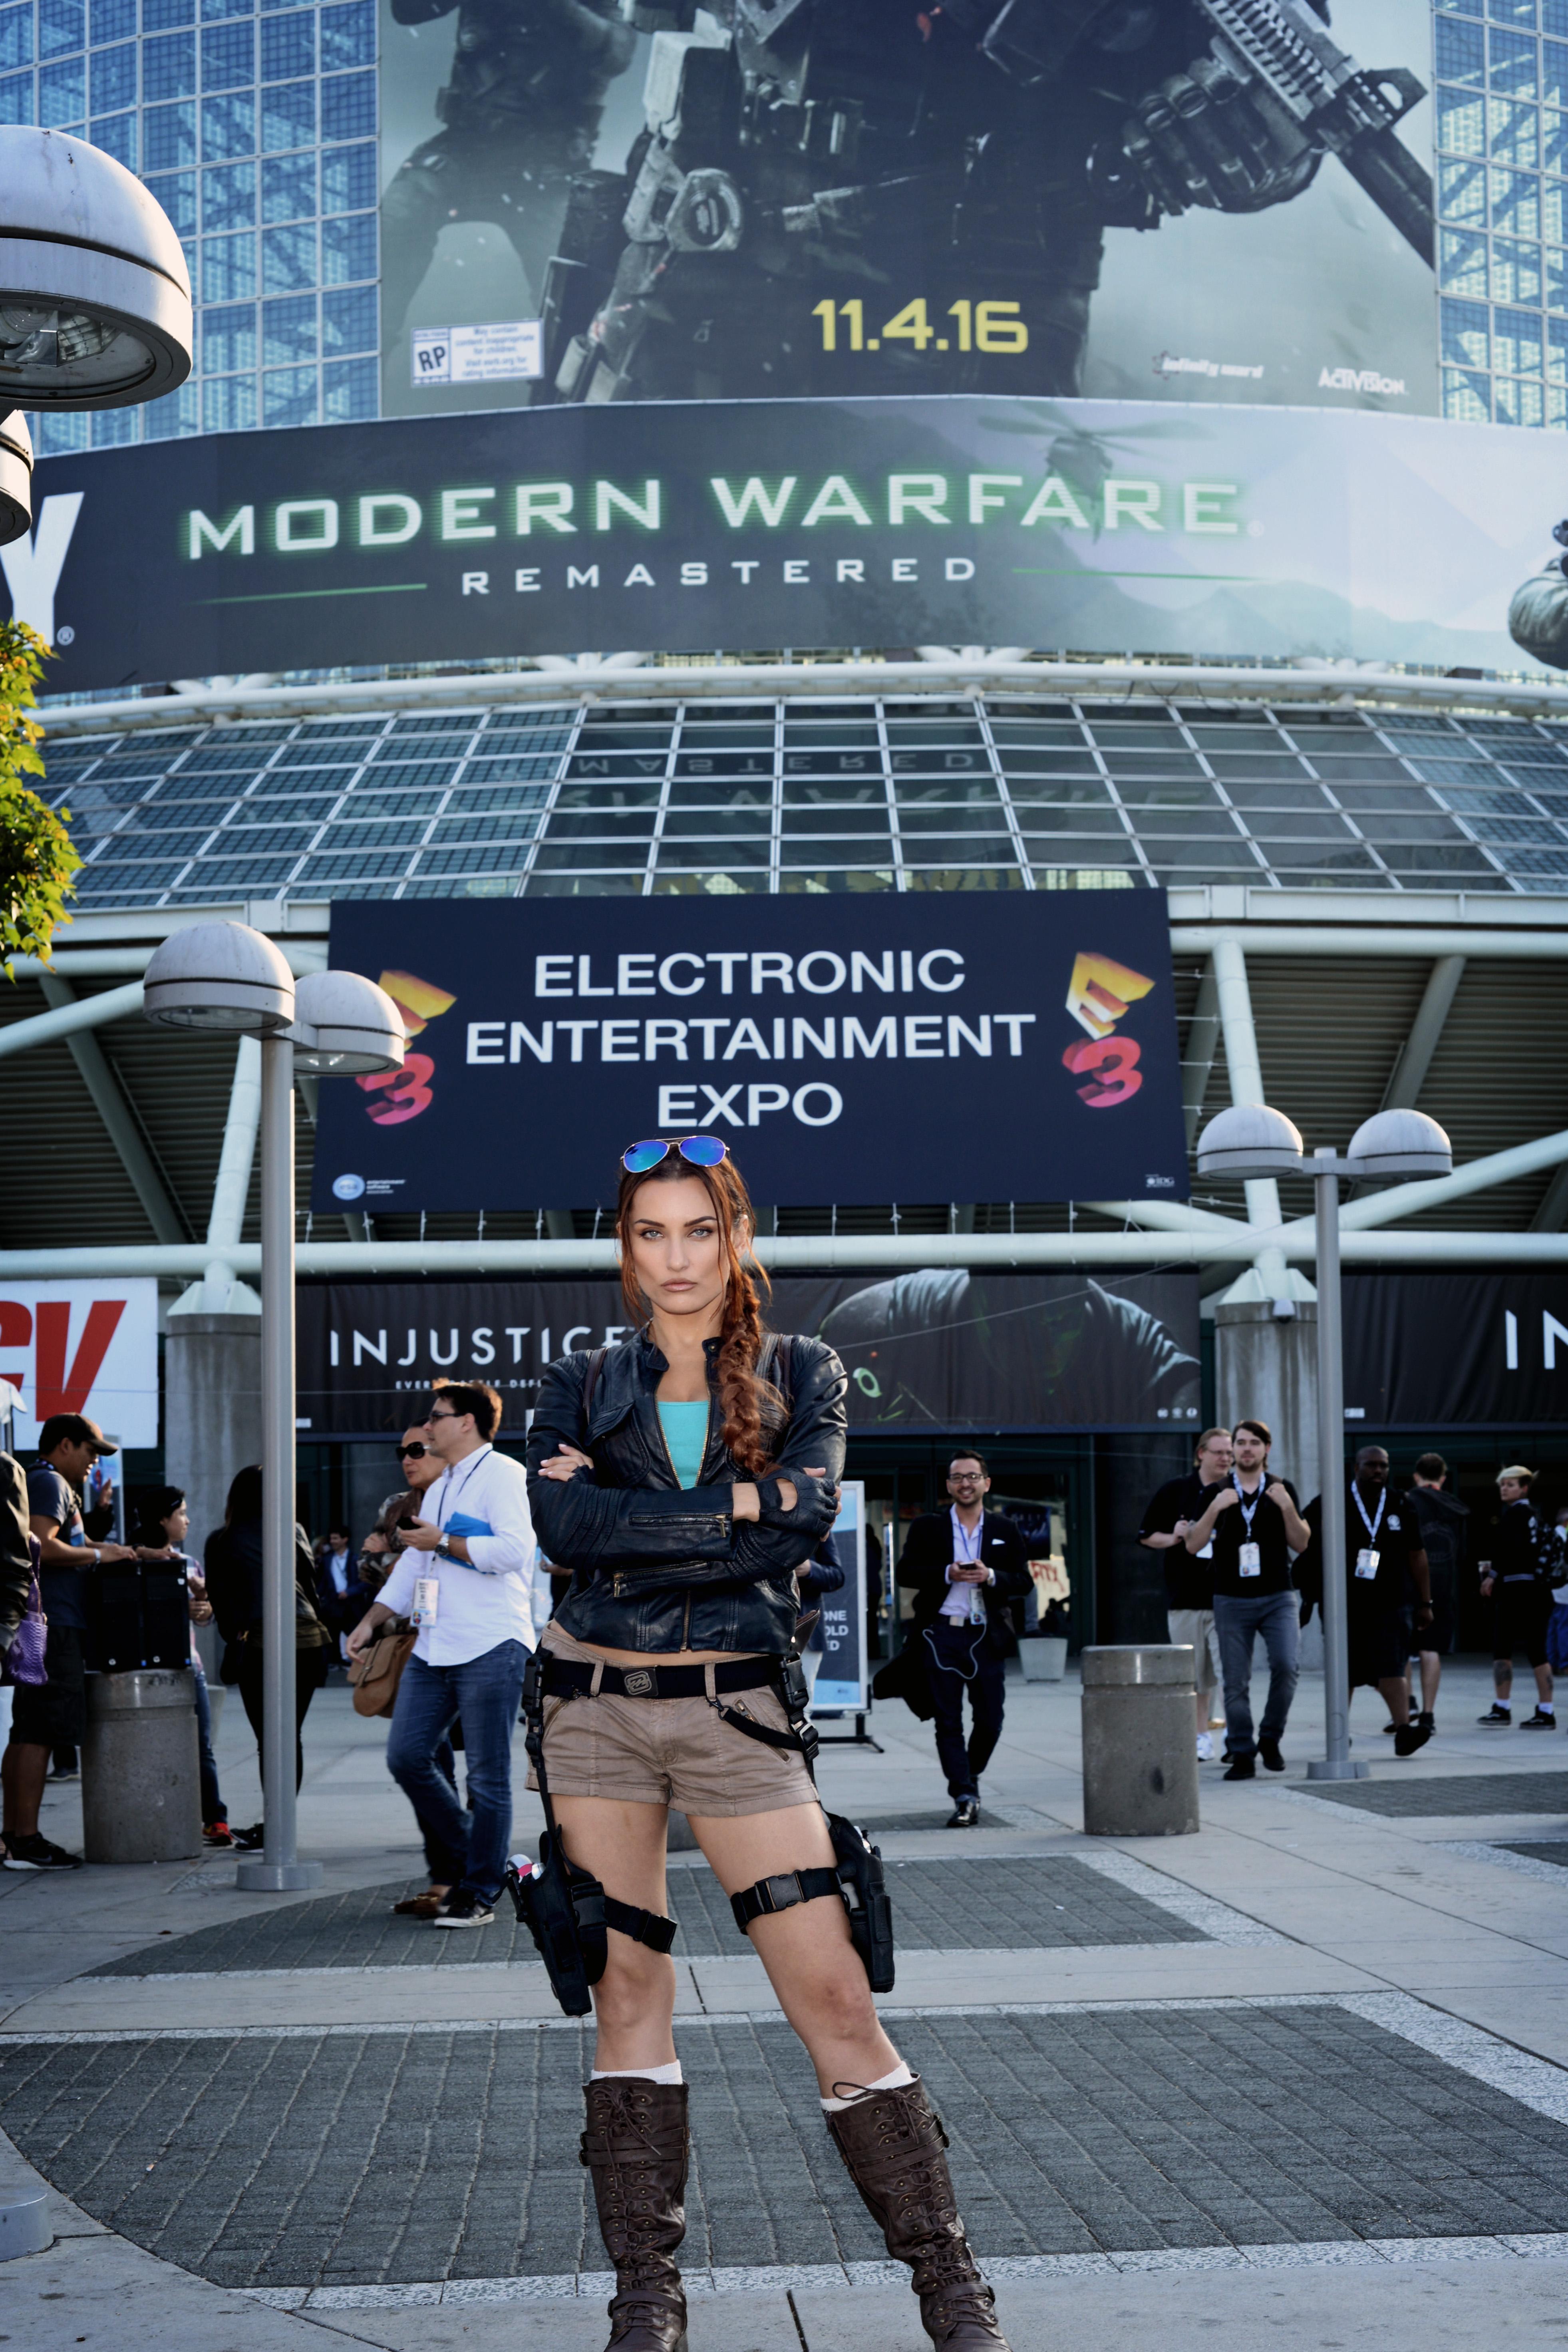 Electronic Entertainment Expo 2016 – Wikipedia